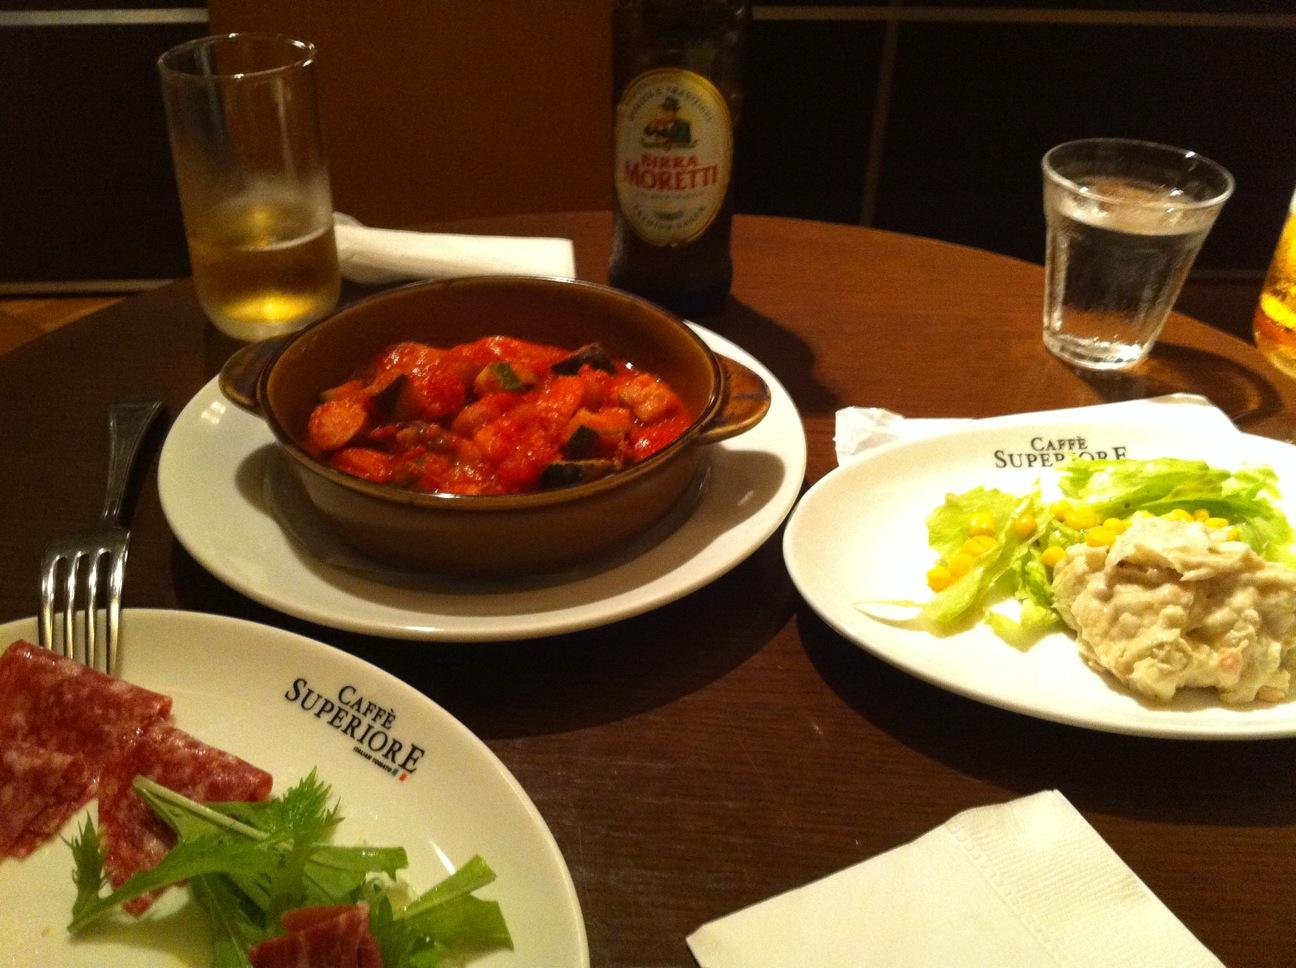 イタリアン・トマト カフェスペリオーレ コンフォートホテル中部国際空港店